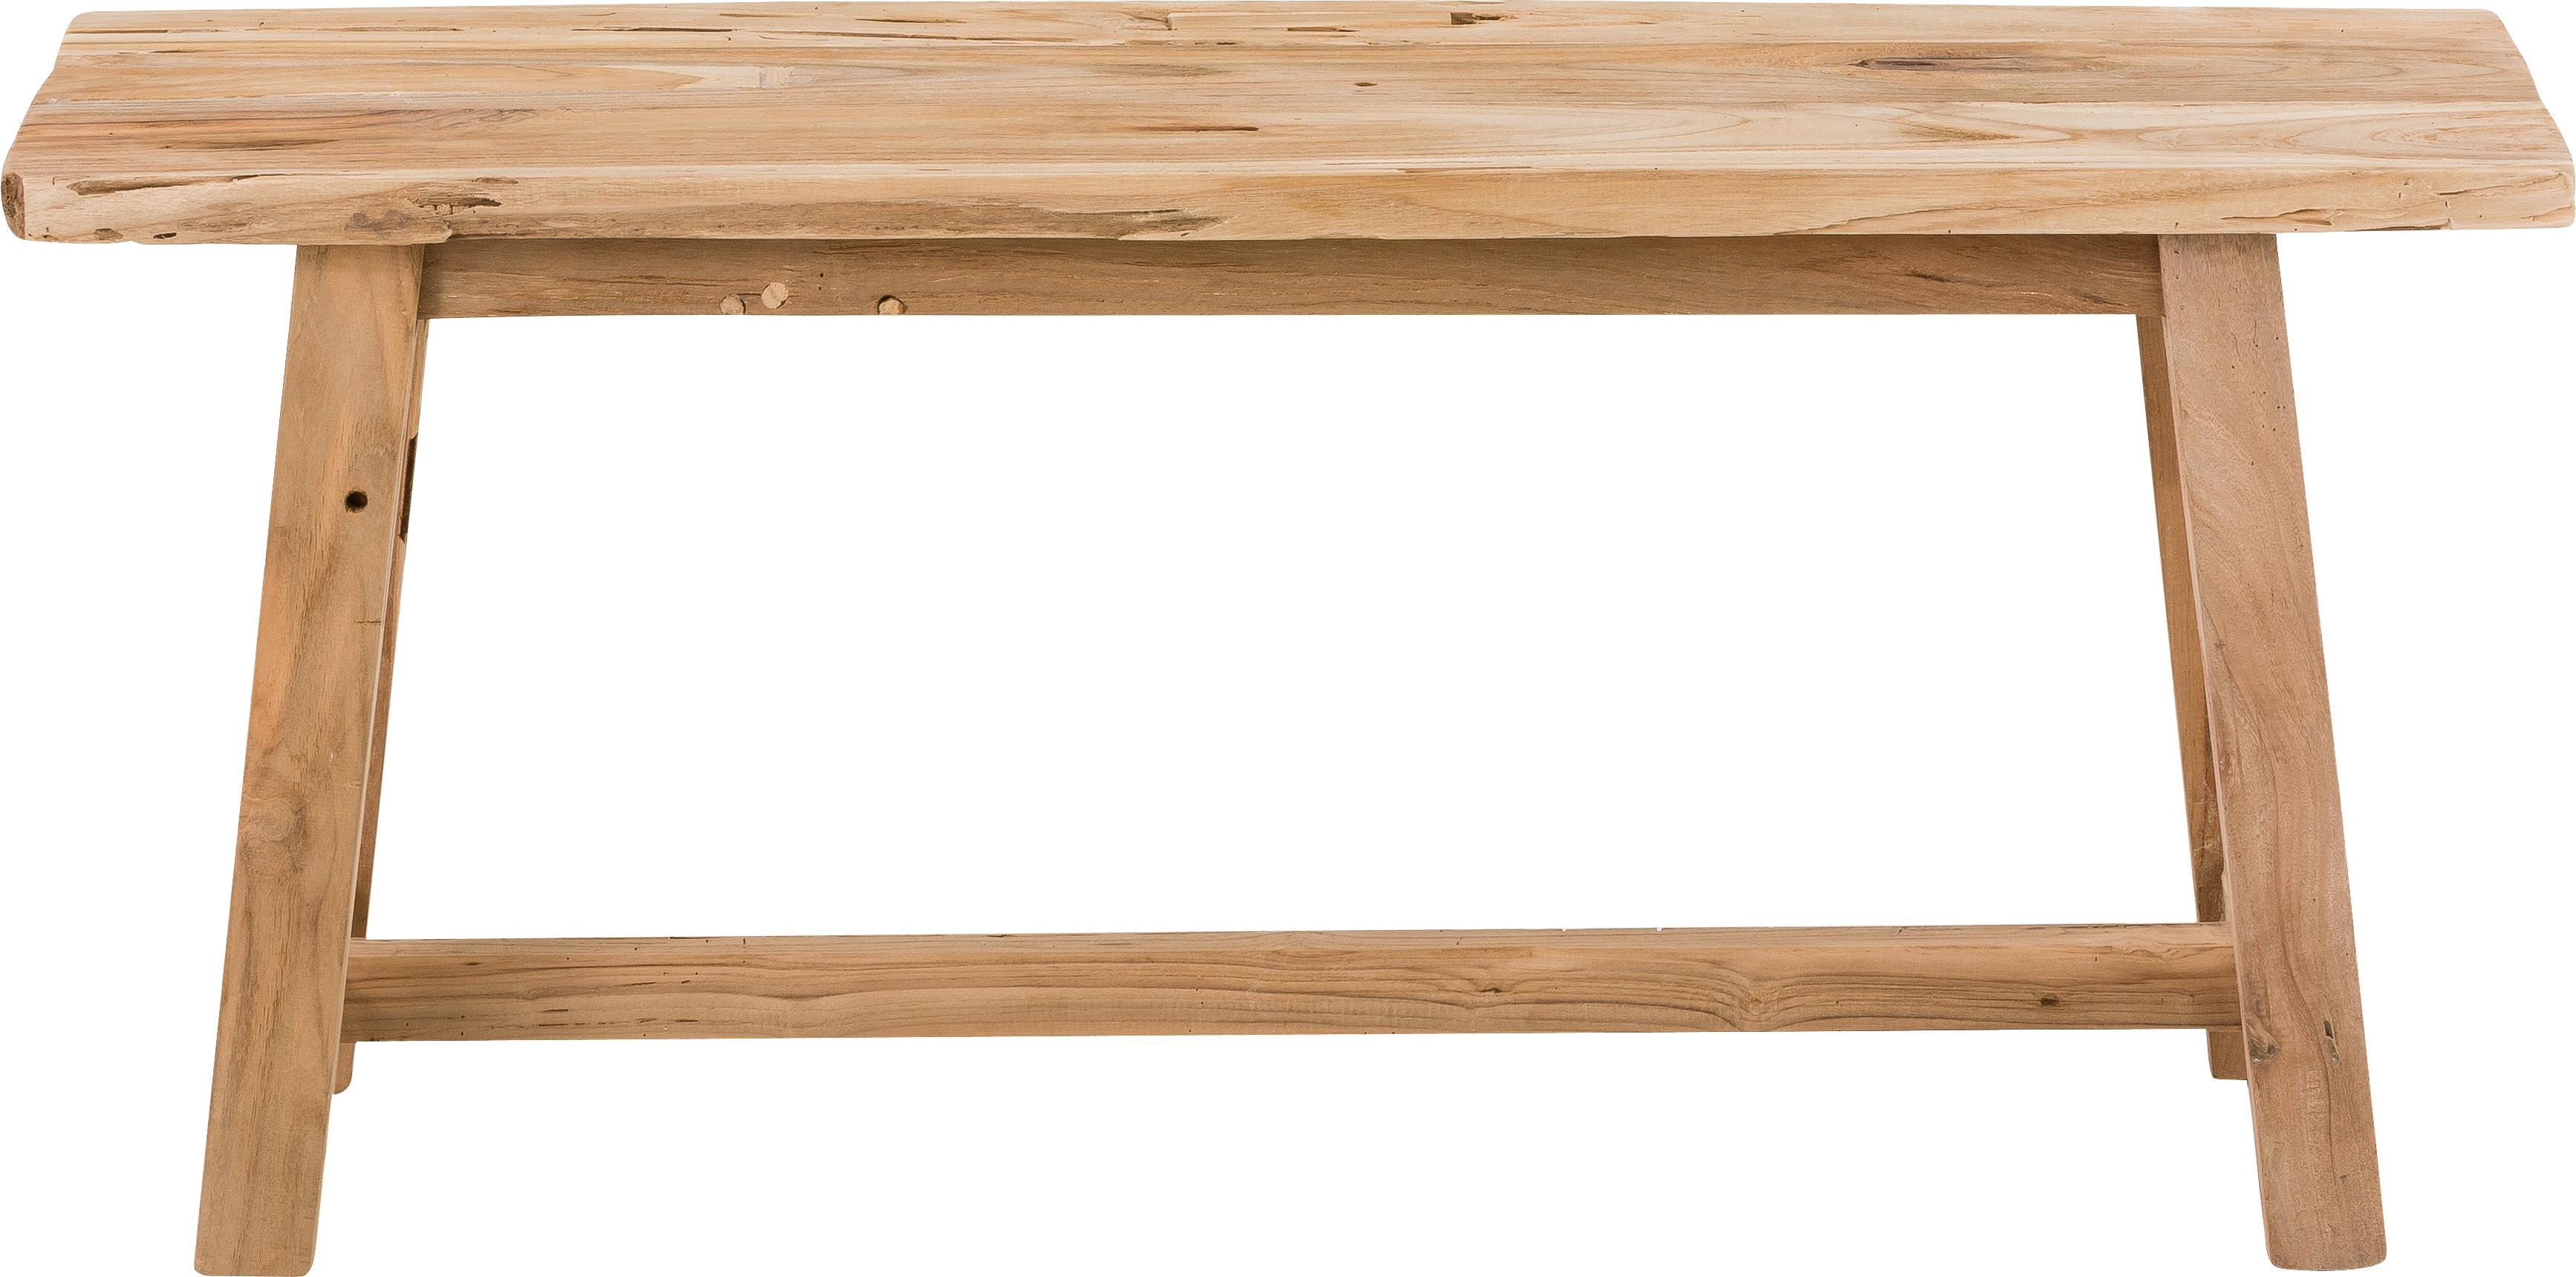 Houten bankje Lawas, Natuurlijk teakhout, Teakhoutkleurig, 100 x 46 cm